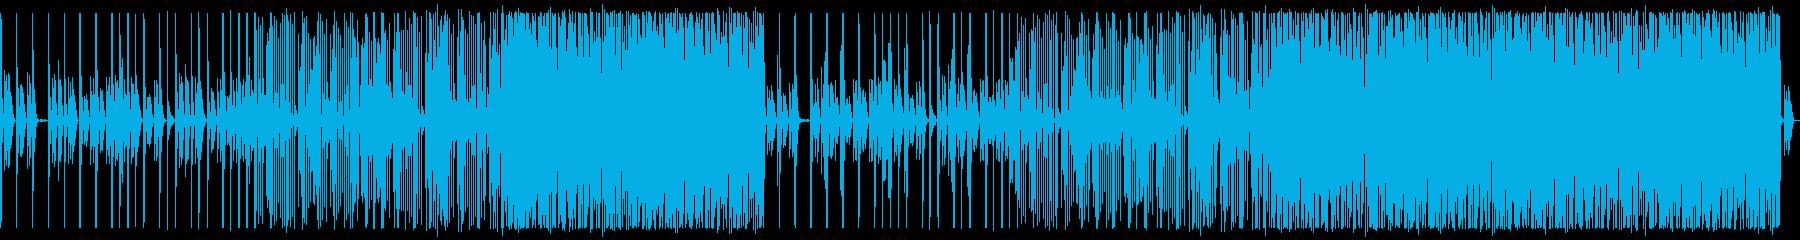 フューチャーベース_No627_1の再生済みの波形